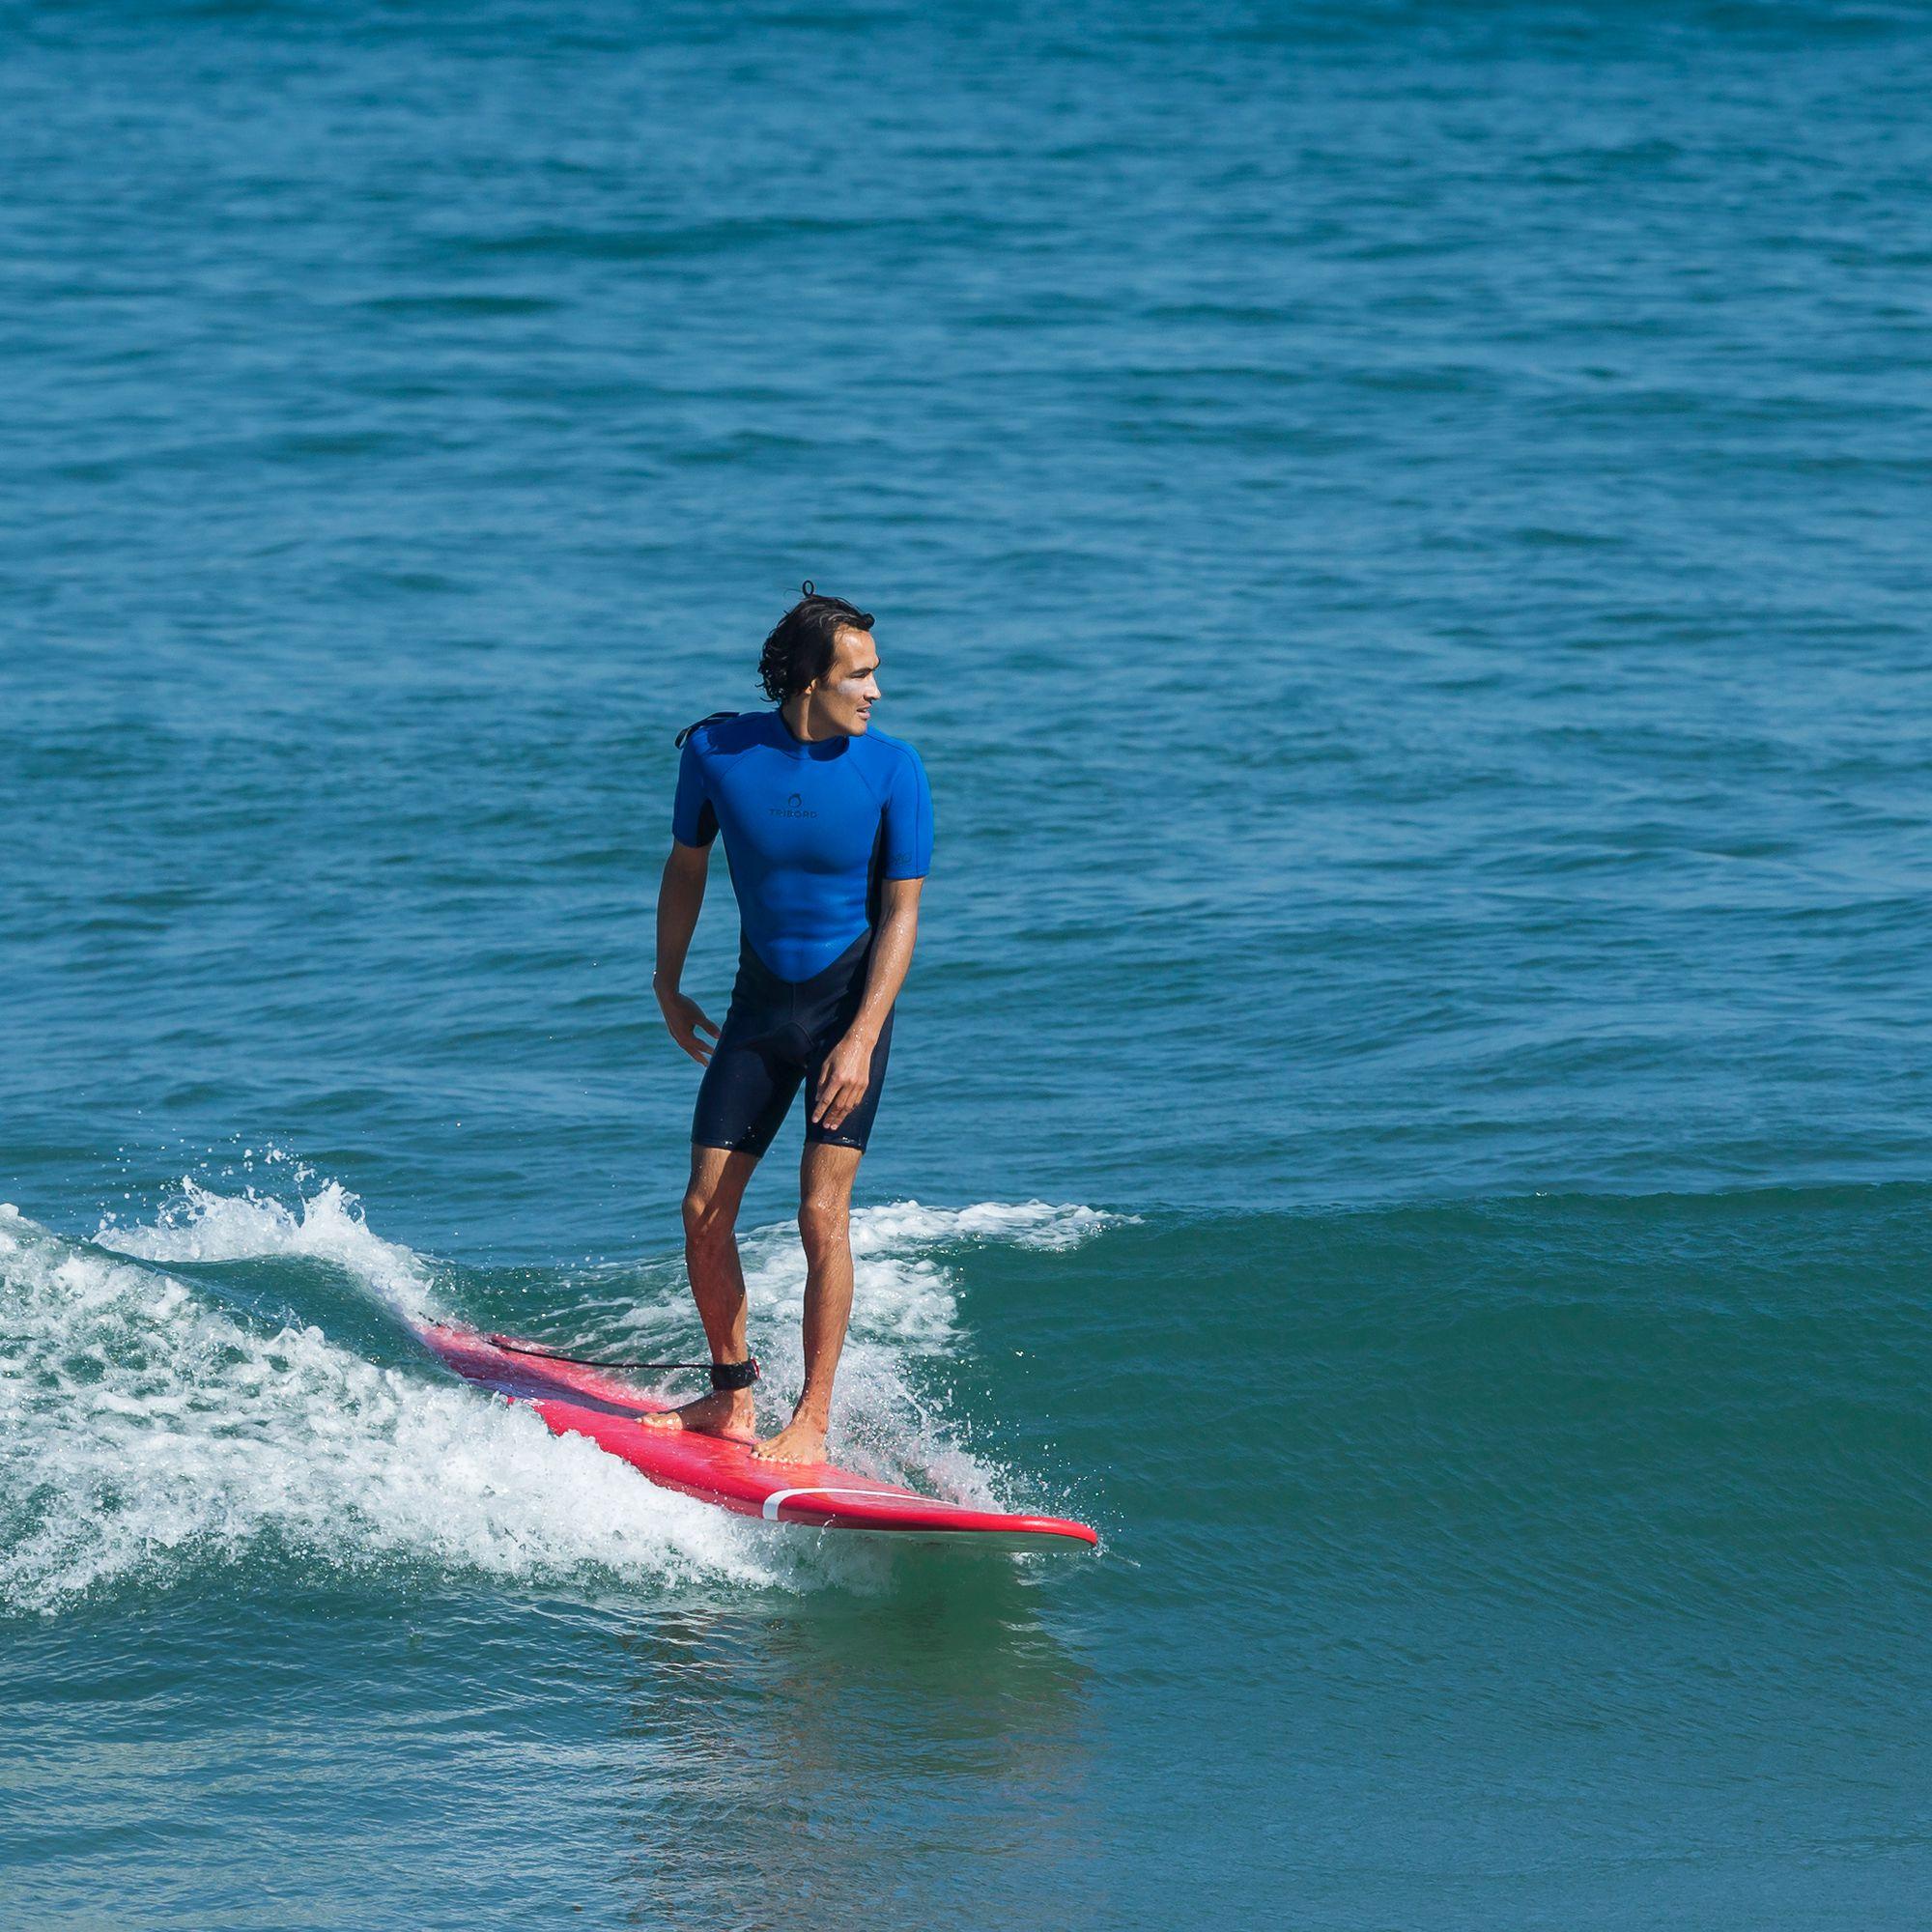 planche de surf en mousse 100 8 39 6 livr e avec un leash et 3 ailerons clubs collectivit s. Black Bedroom Furniture Sets. Home Design Ideas